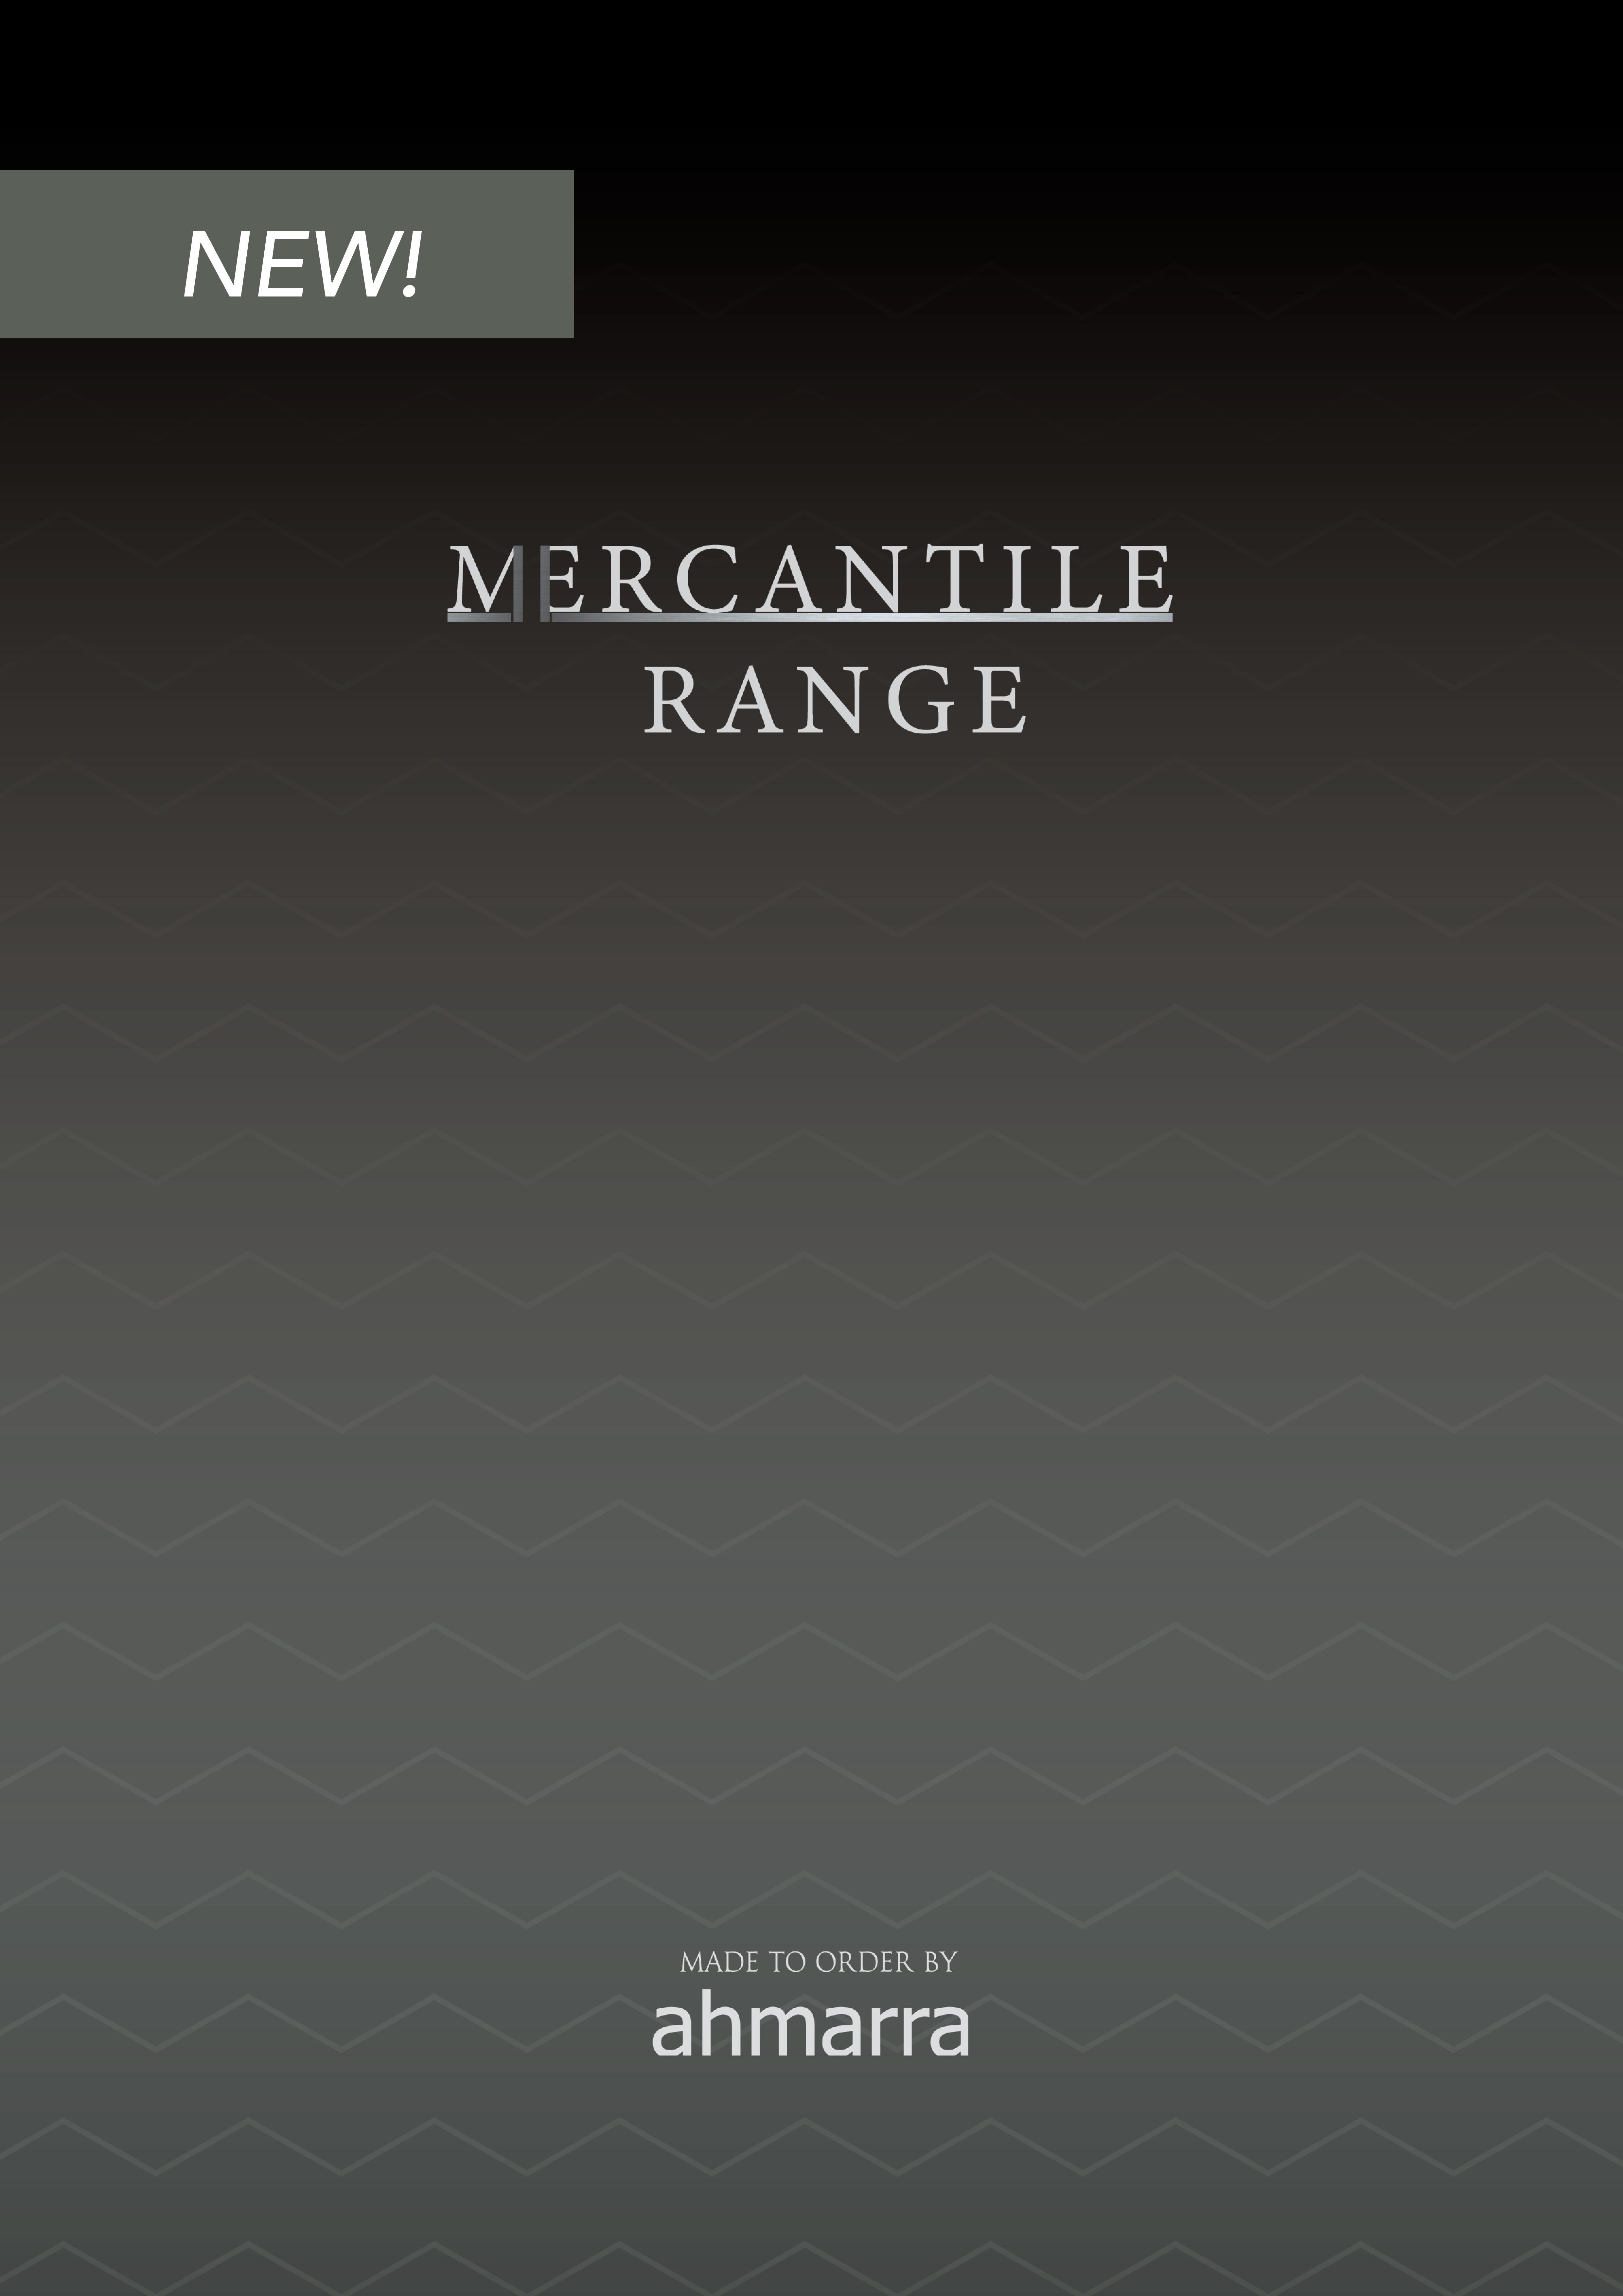 Mercantile Range Brochure   Ahmarra Door Solutions